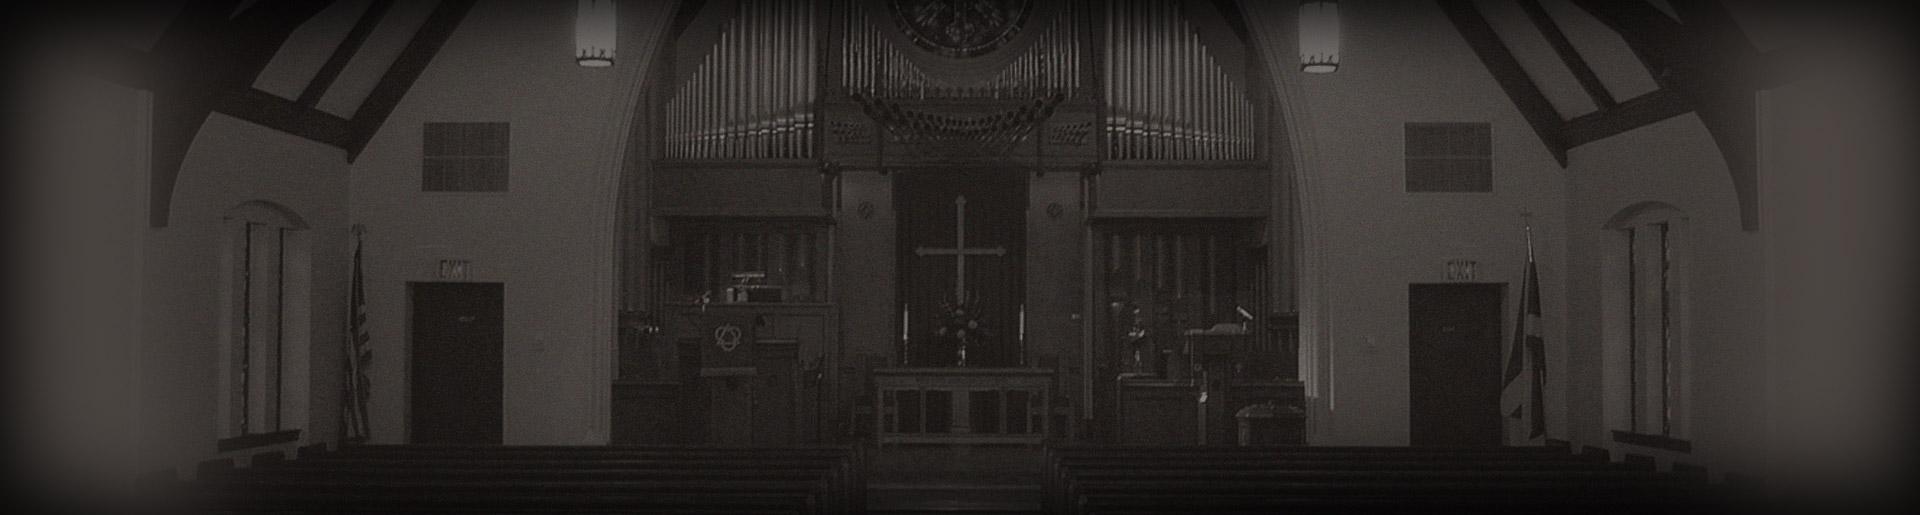 bkgd-summer-worship